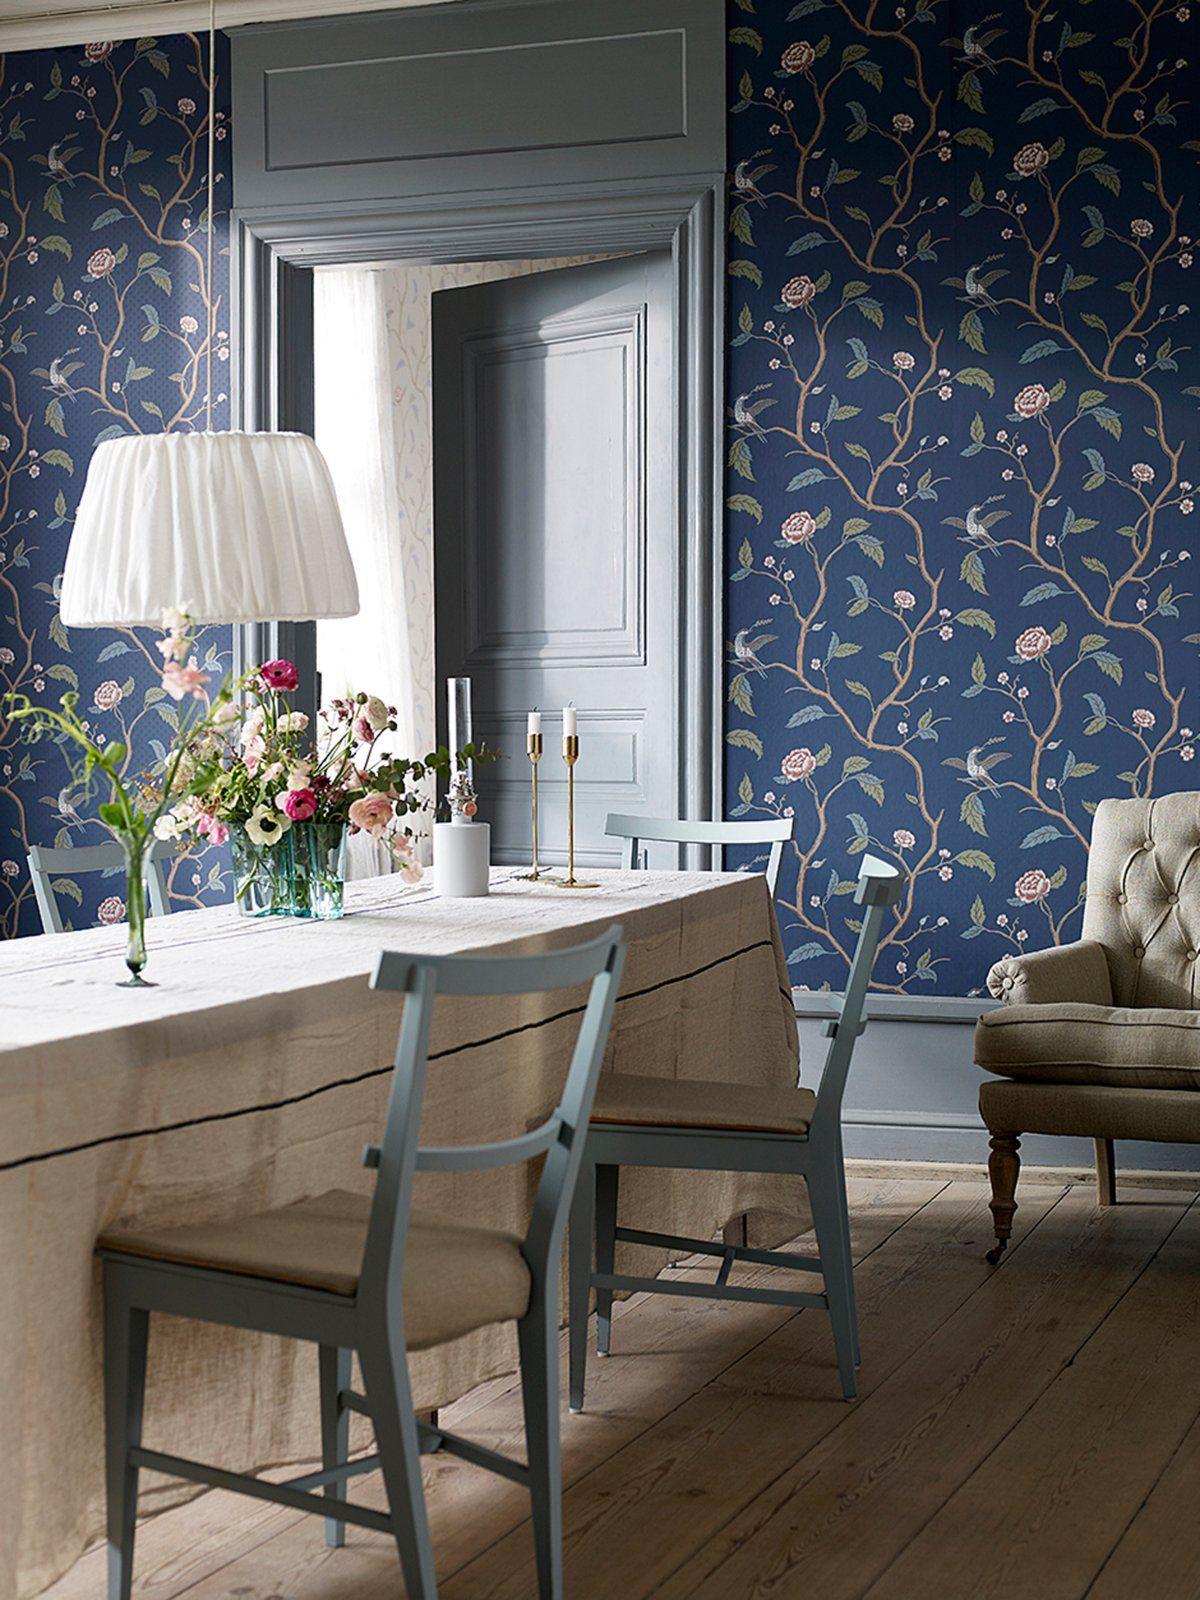 Beautiful Chinoiserie   Eine Tolle Tapete Mit Historischem Muster Gibt Dem Raum Neues  Flair Nice Ideas